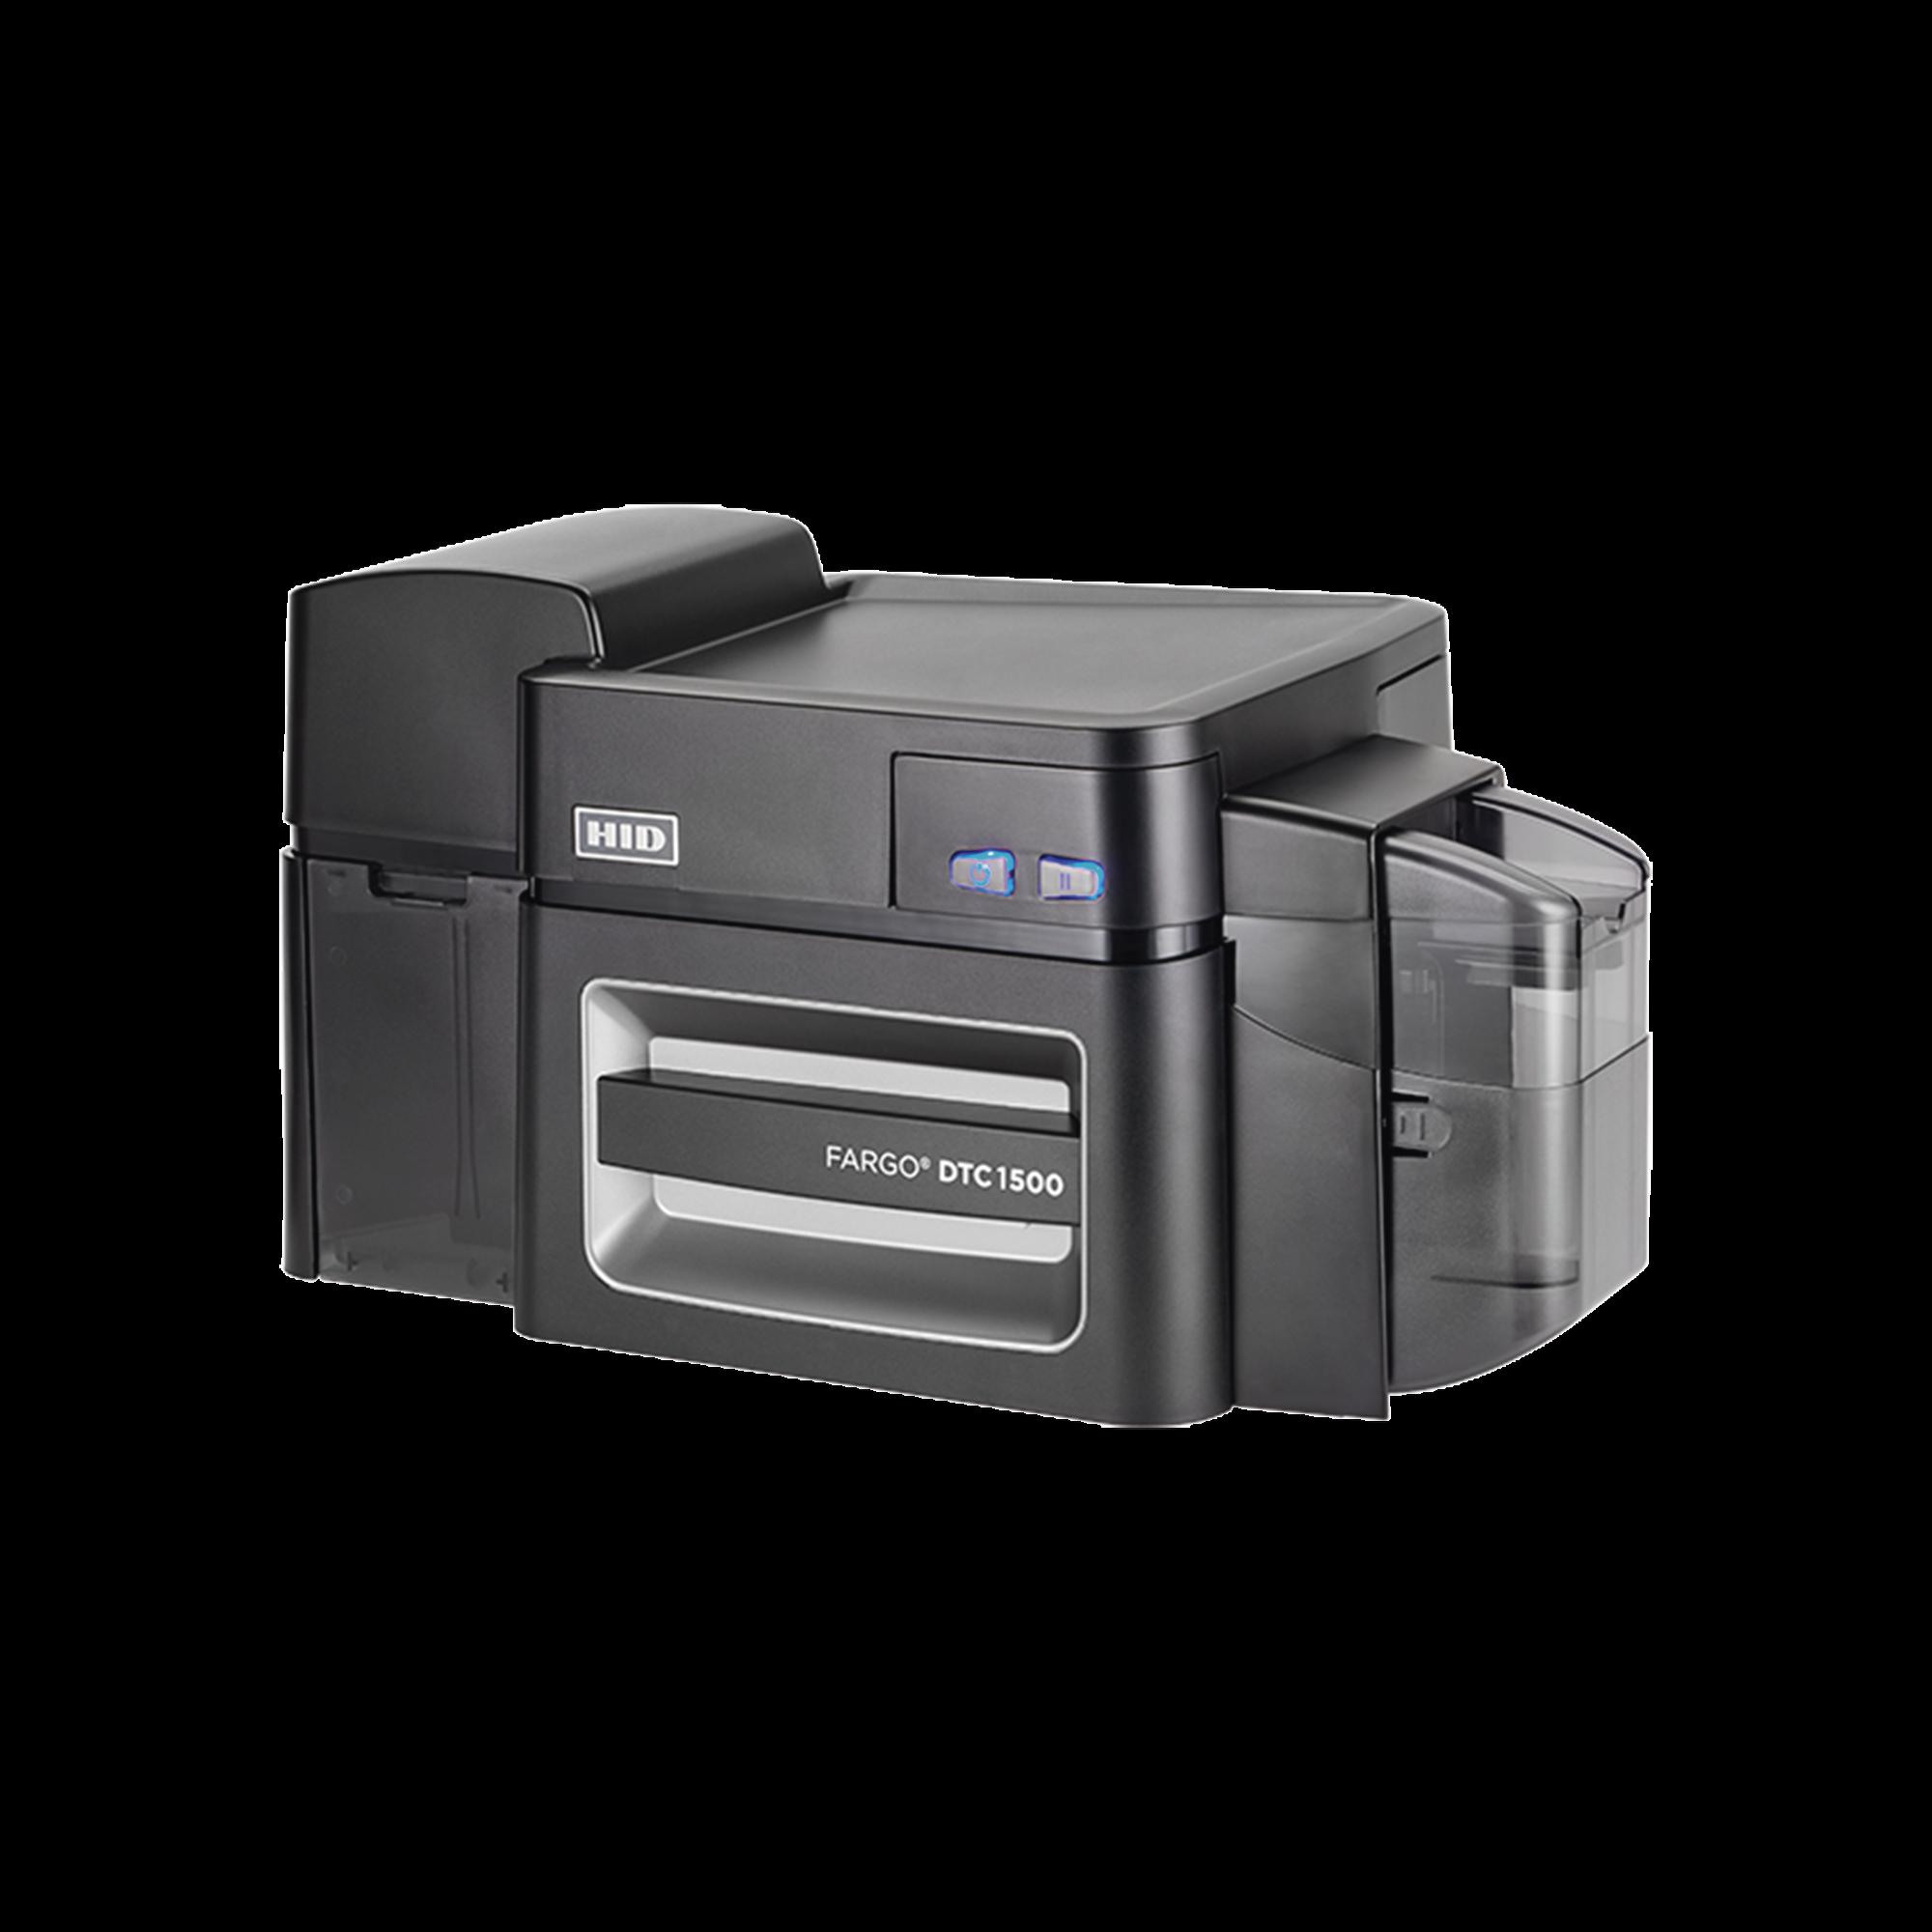 Impresora Profesional de Una Cara DTC1500/ Borrado información/ Marca de Agua